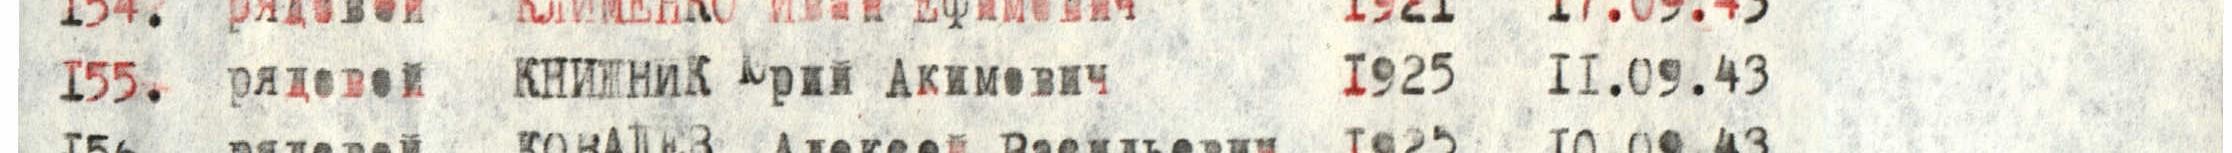 папа2-1.jpg